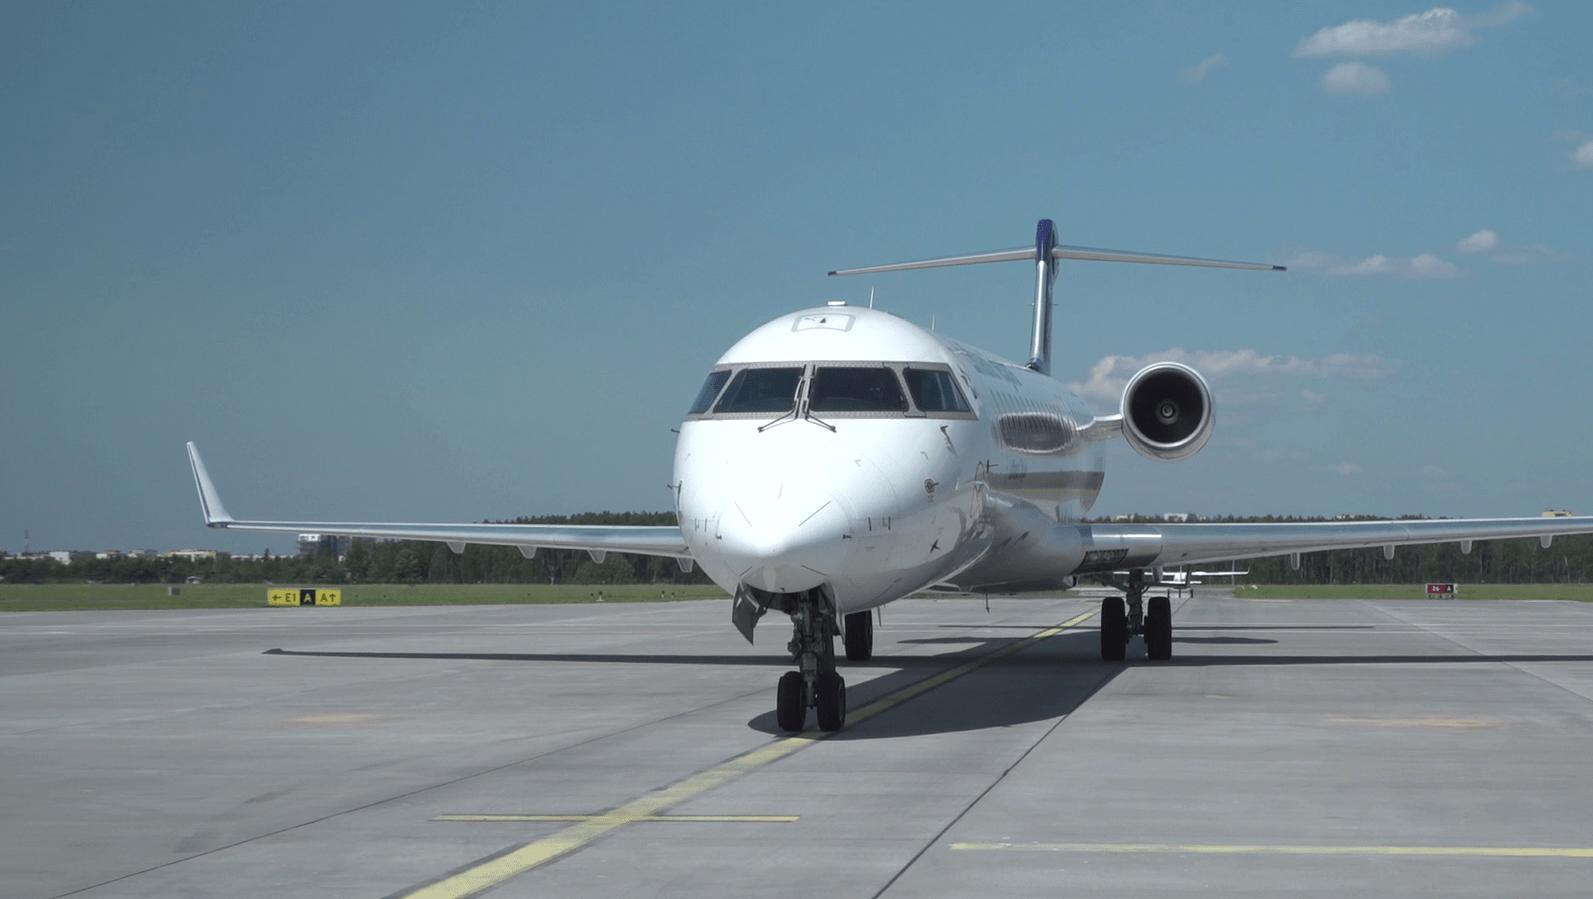 Innowacyjny materiał pozwoli opracować samonaprawiające się skrzydła samolotu. W przyszłości może zostać użyty do tworzenia wielu futurystycznych technologii